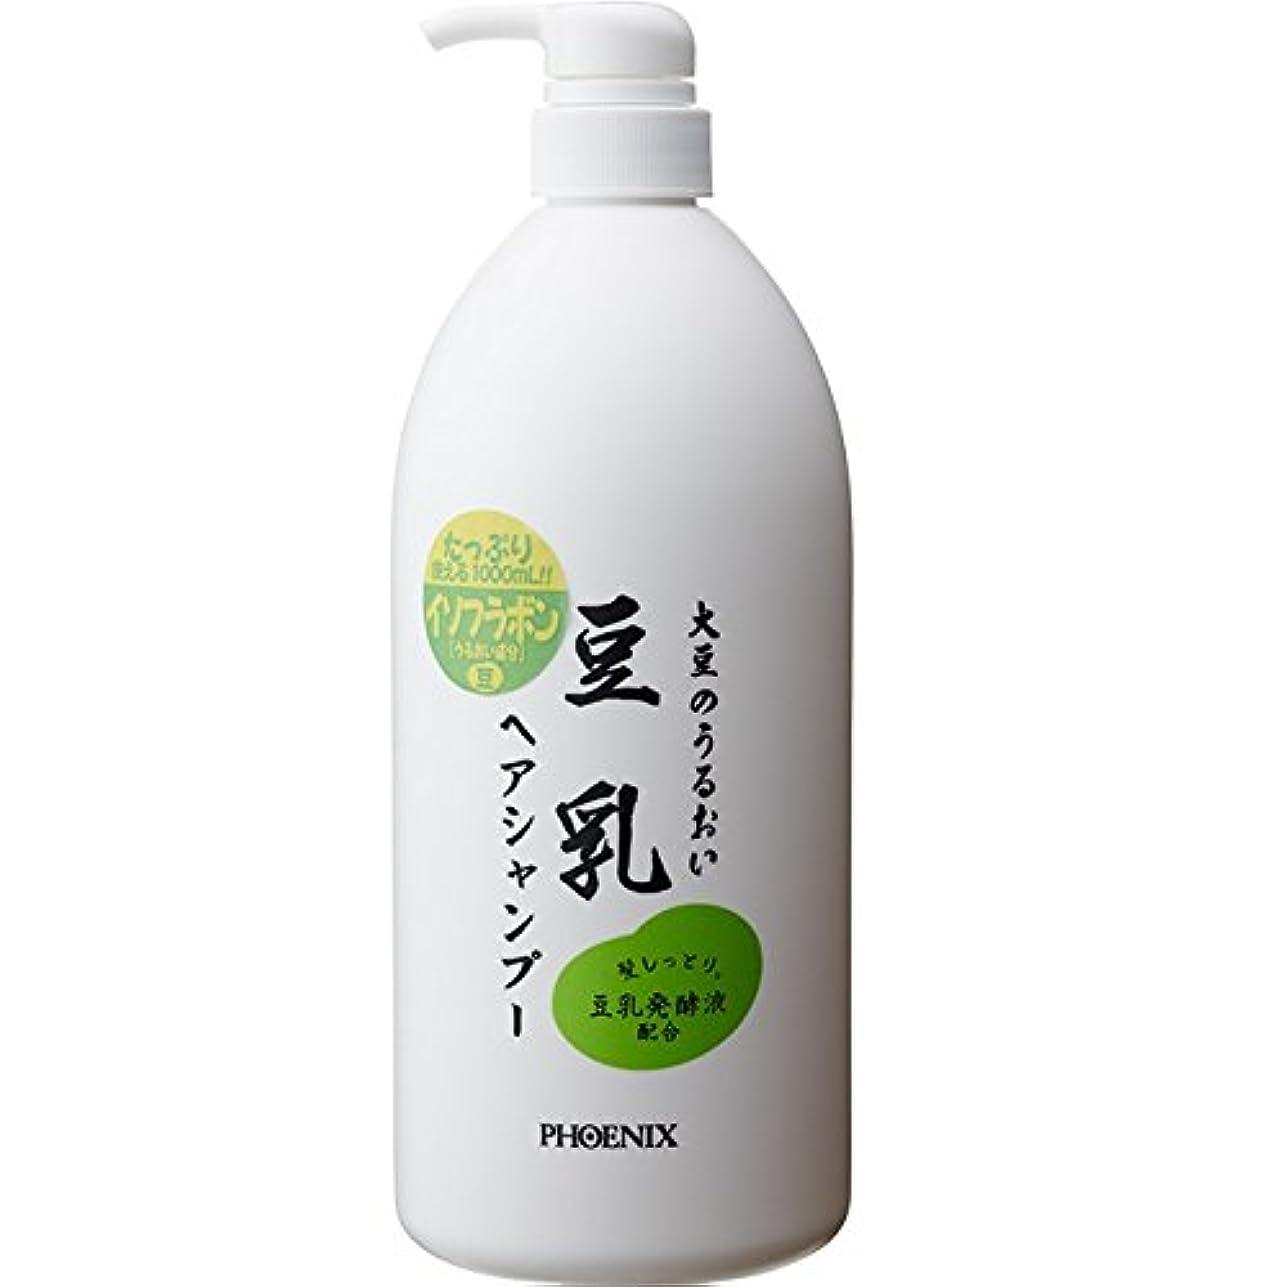 思慮のない強調ドラマ【ケース販売】豆乳ヘアシャンプー 1L×10本